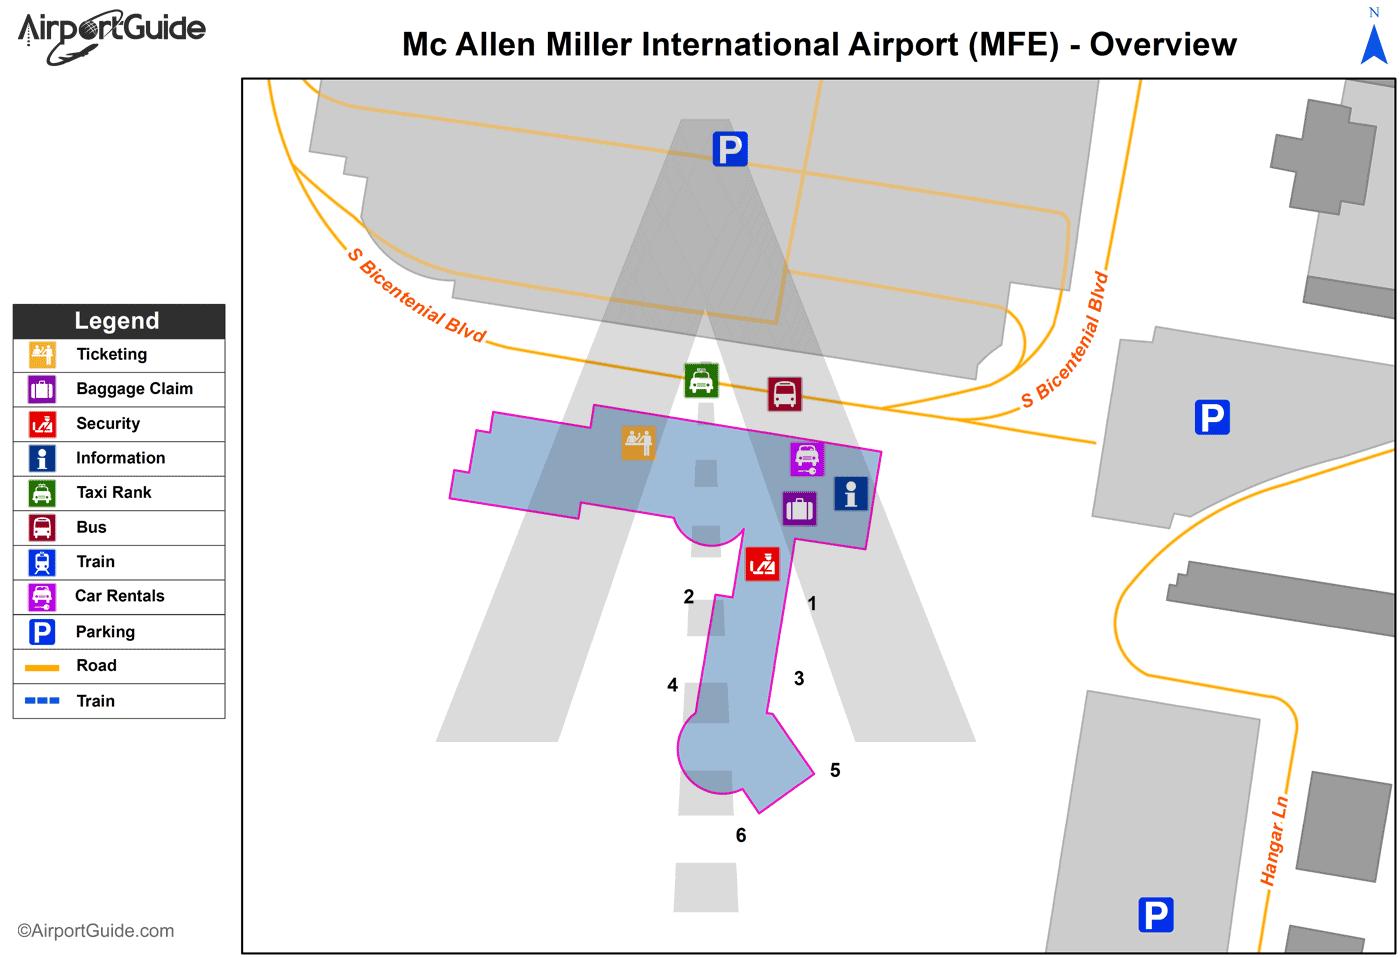 Mcallen Miller Airport Car Rentals